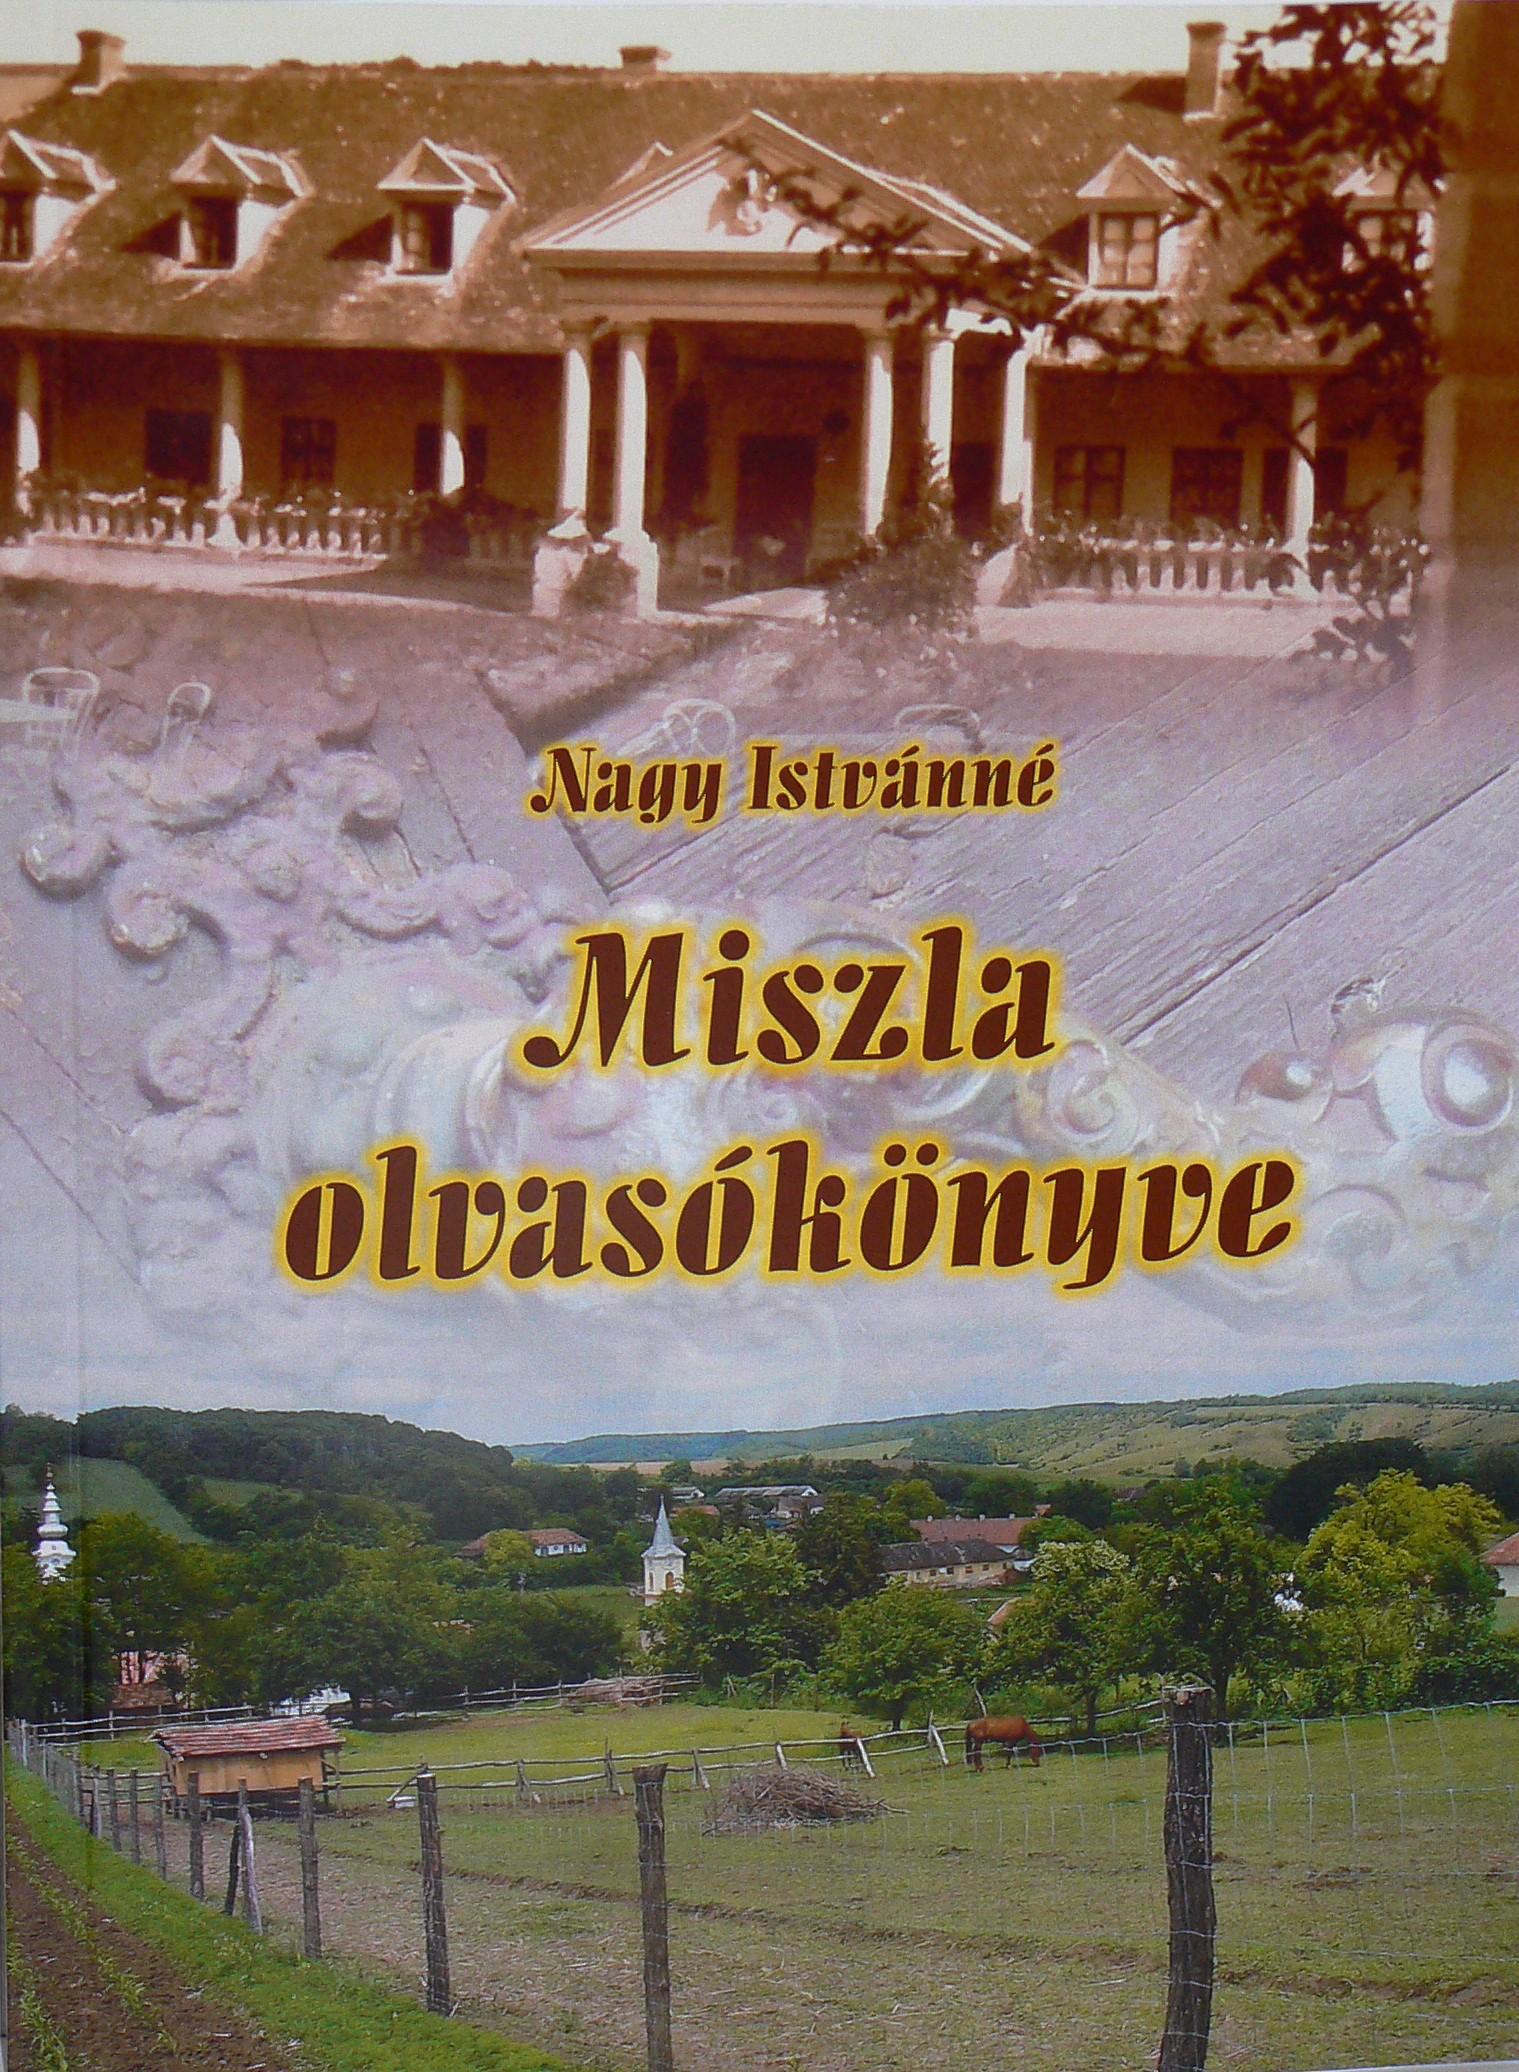 MISZLA 233